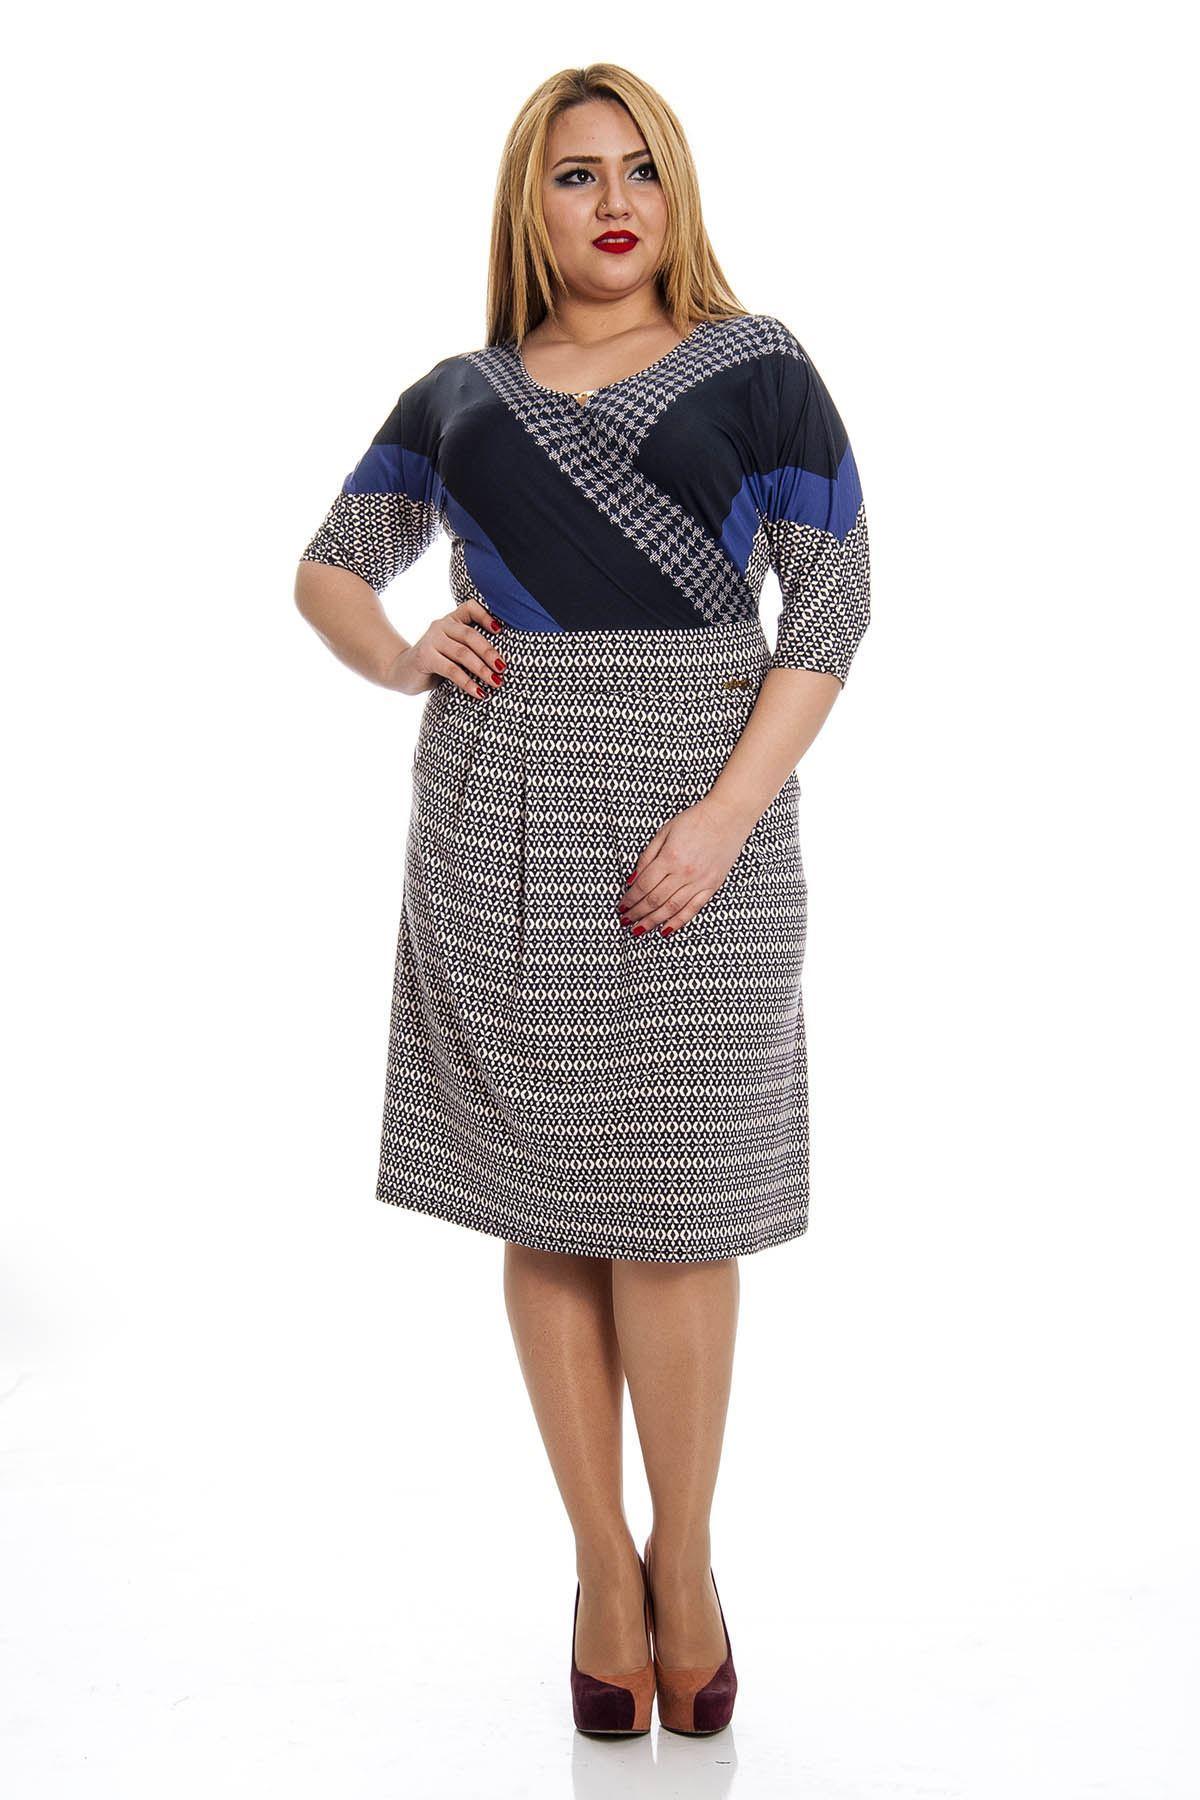 Büyük Beden Sırt Dekolte Kadın Elbise F3-132480